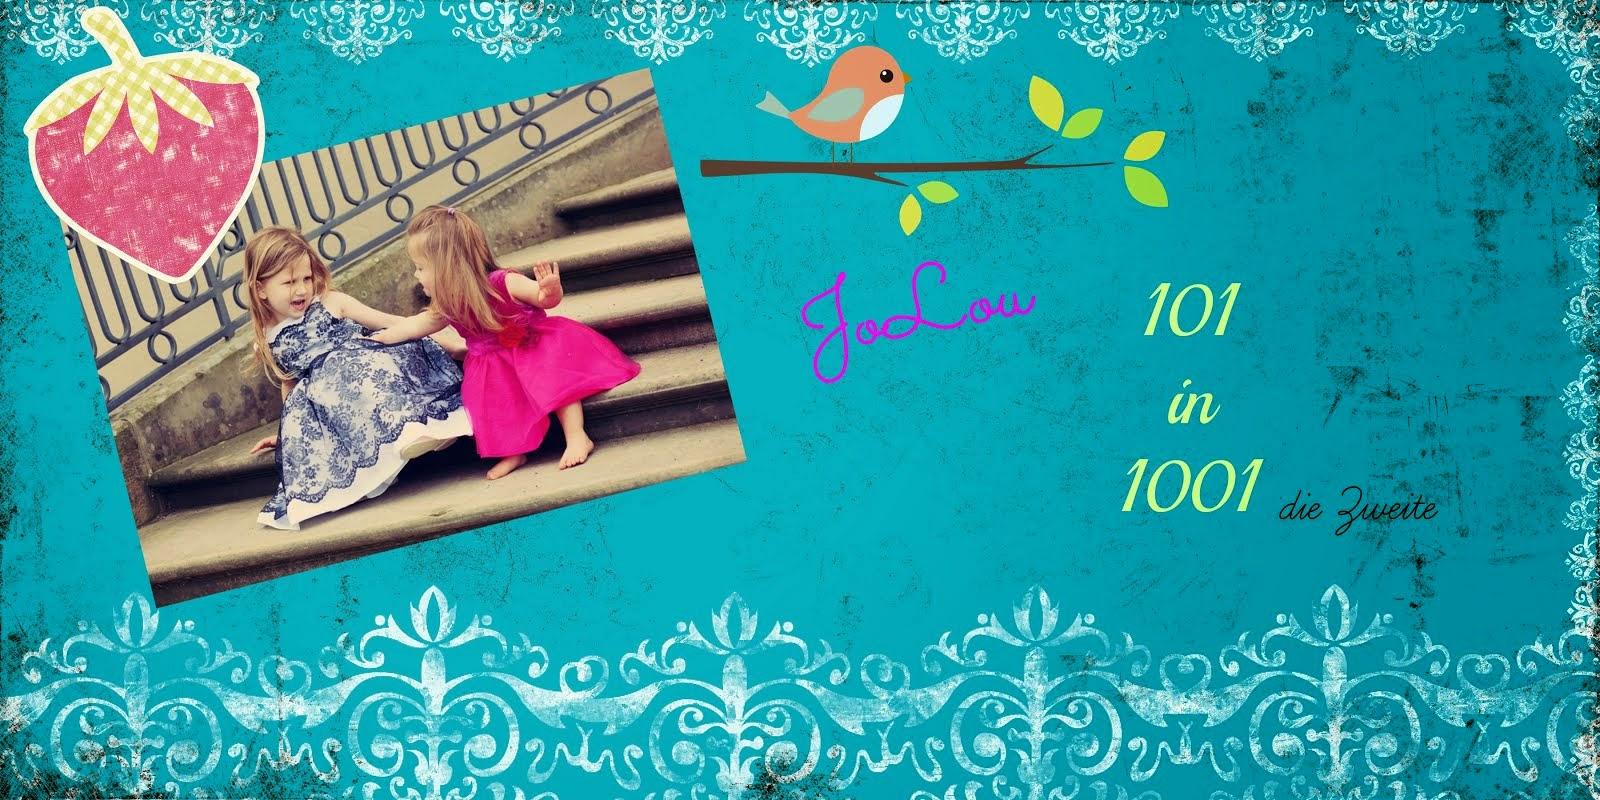 101 in 1001 die Zweite